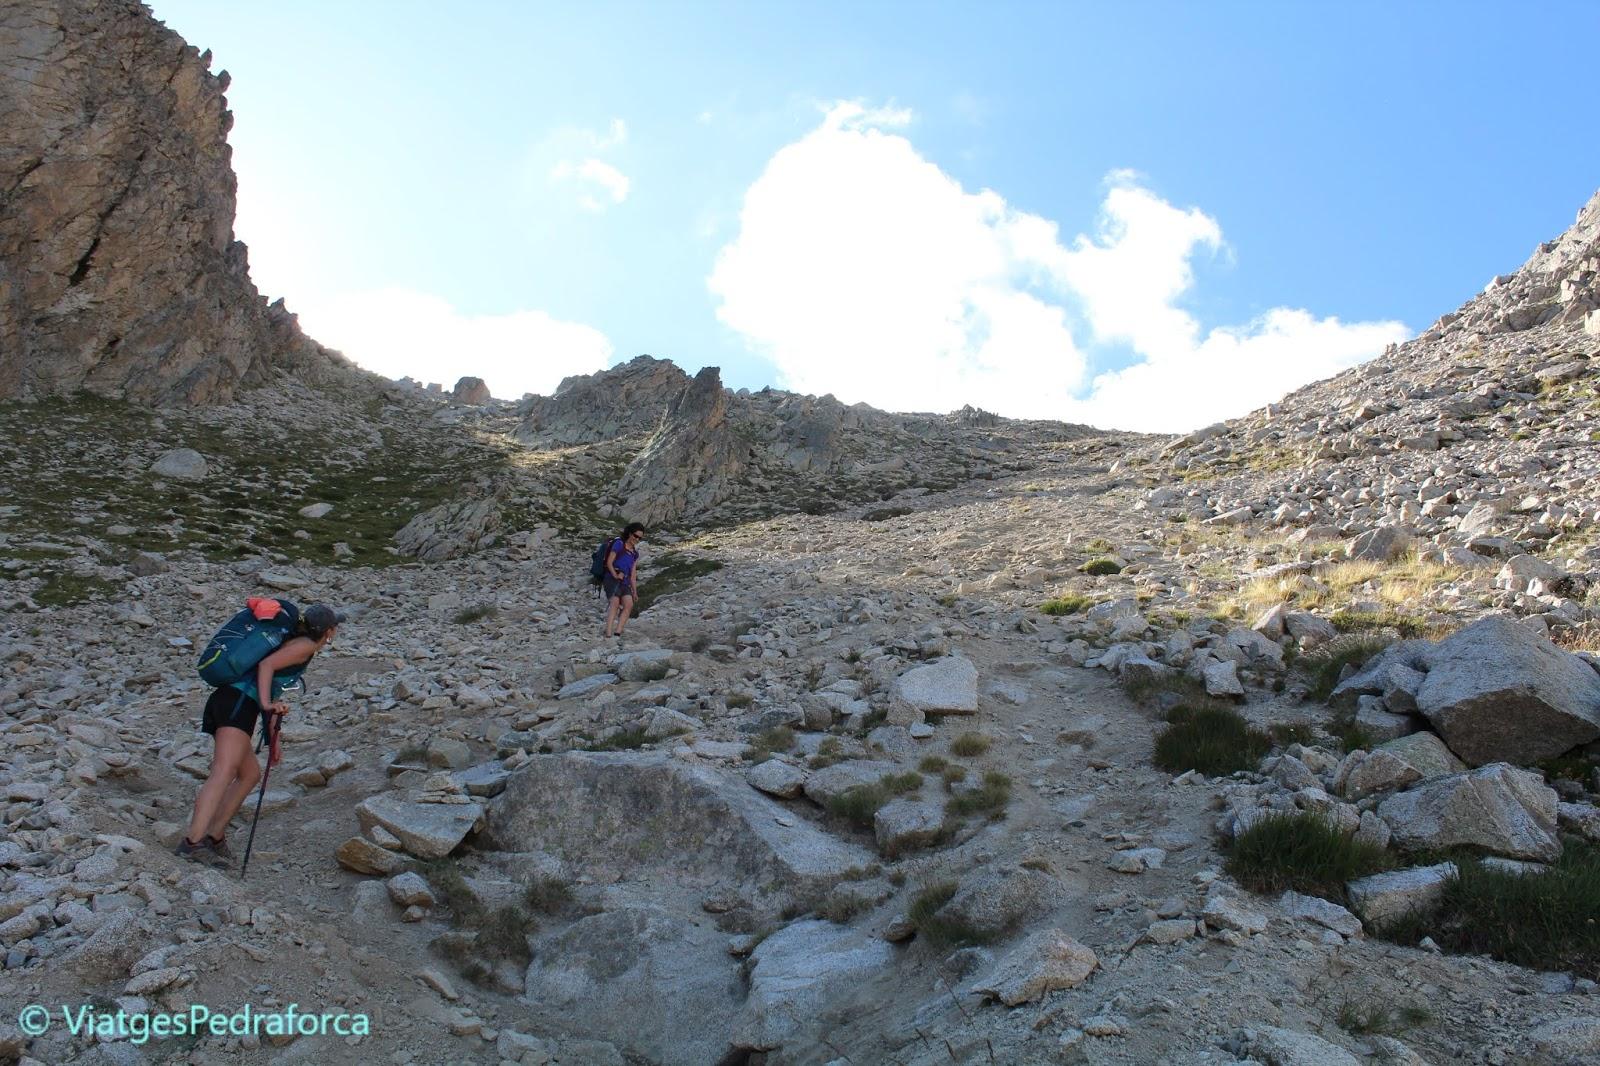 Ruta de senderisme, Pallars Sobirà, Lleida, Catalunya, els llocs més bonics de Catalunya